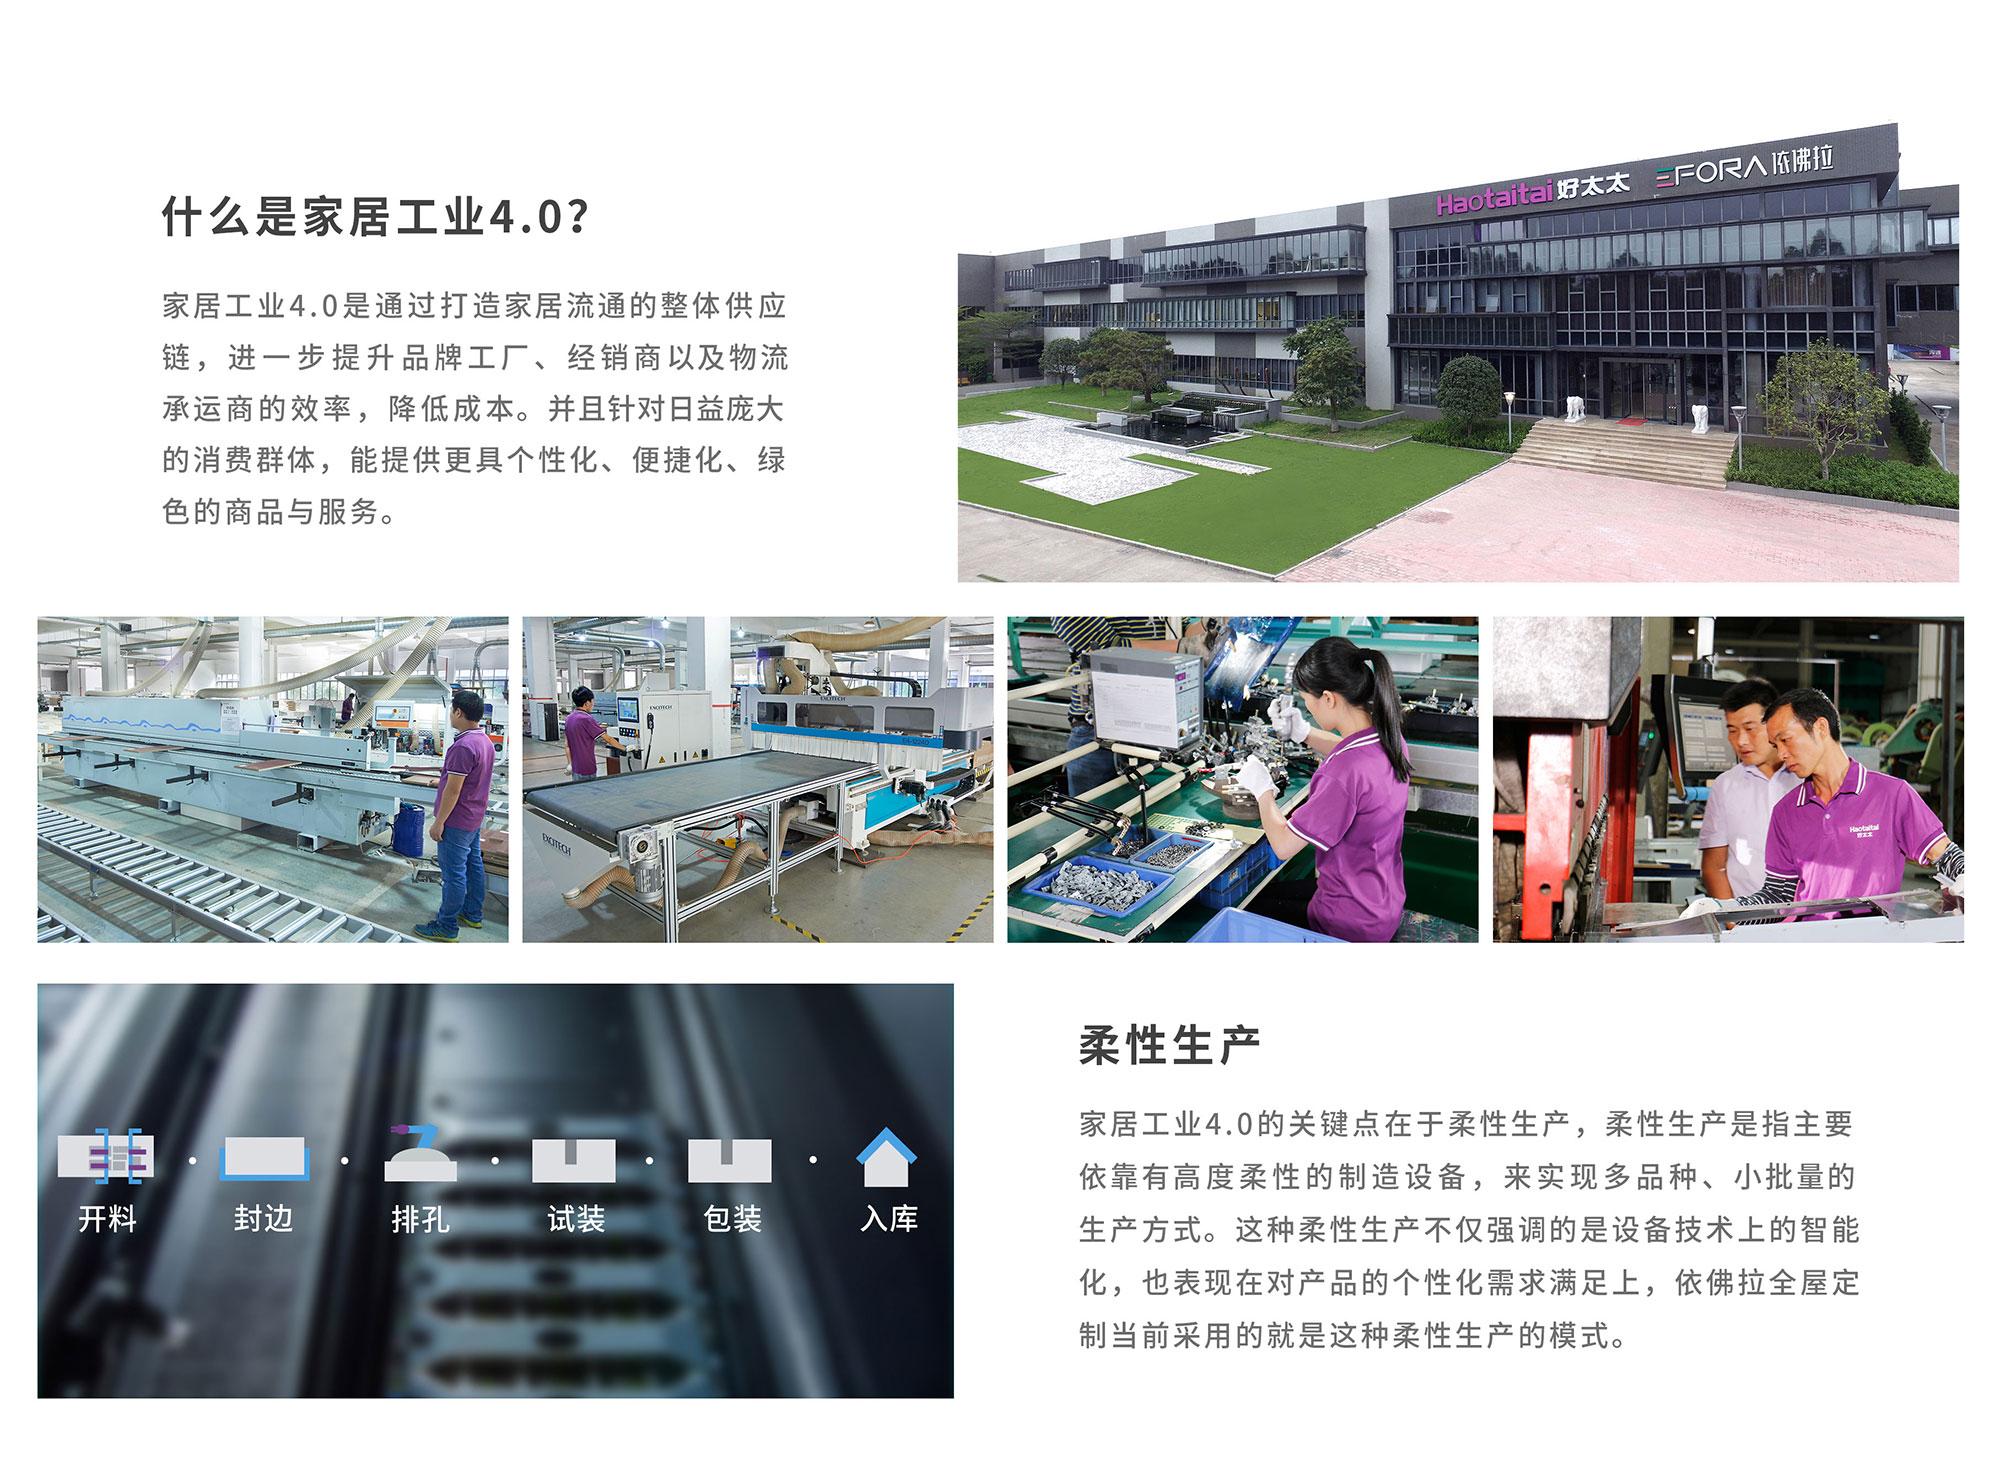 工业4.0-网页版.jpg